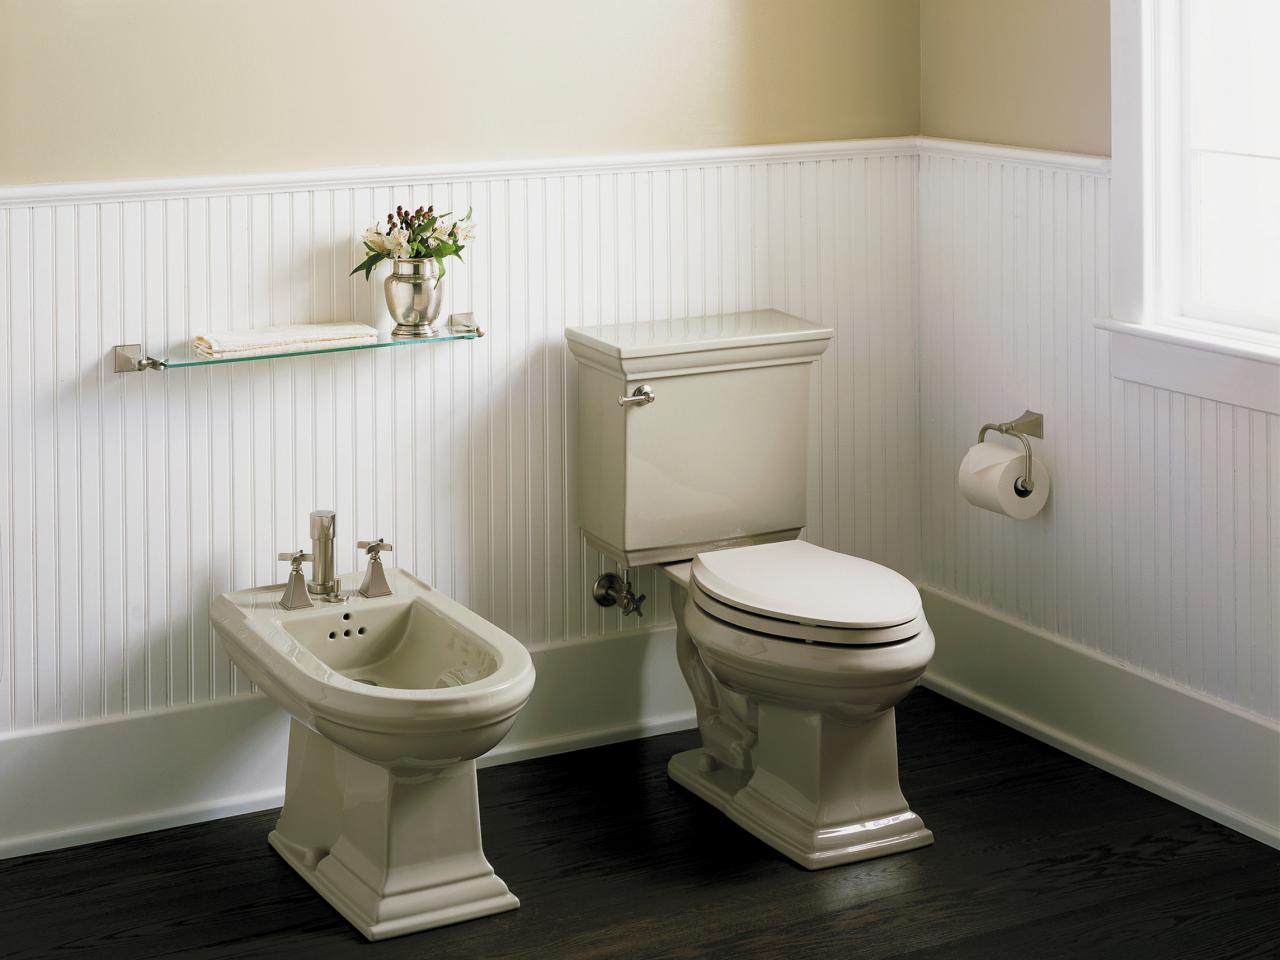 Bạn sẽ không nhìn thấy vòi xịt toilet khi đến Mỹ - vì sao vậy? - Ảnh 2.